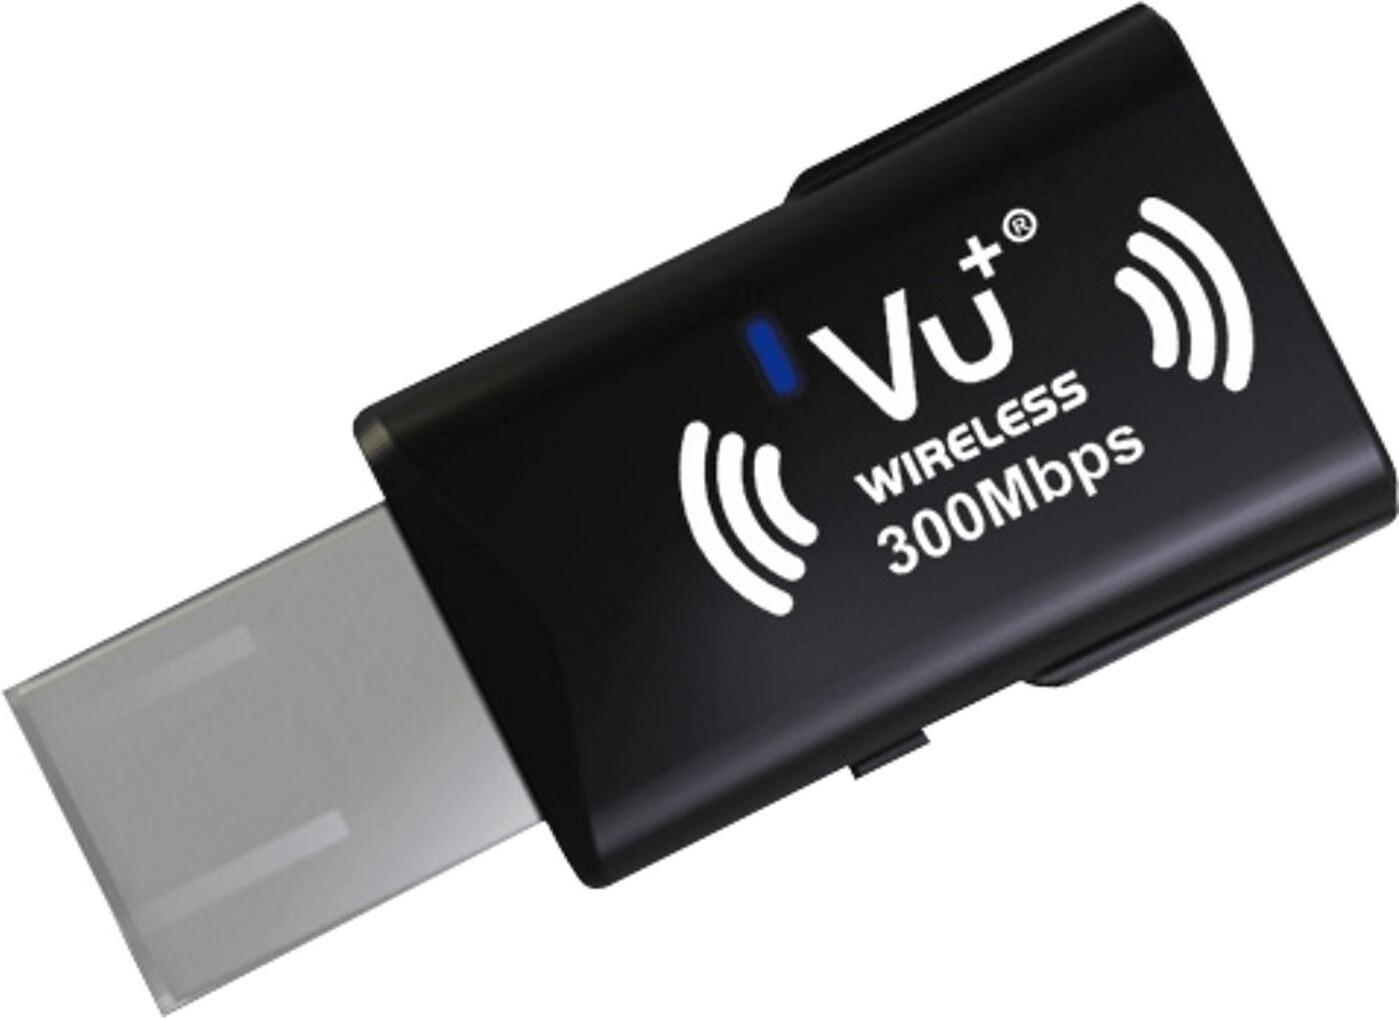 #Vu+ 300 Mbps Wireless USB Adapter#